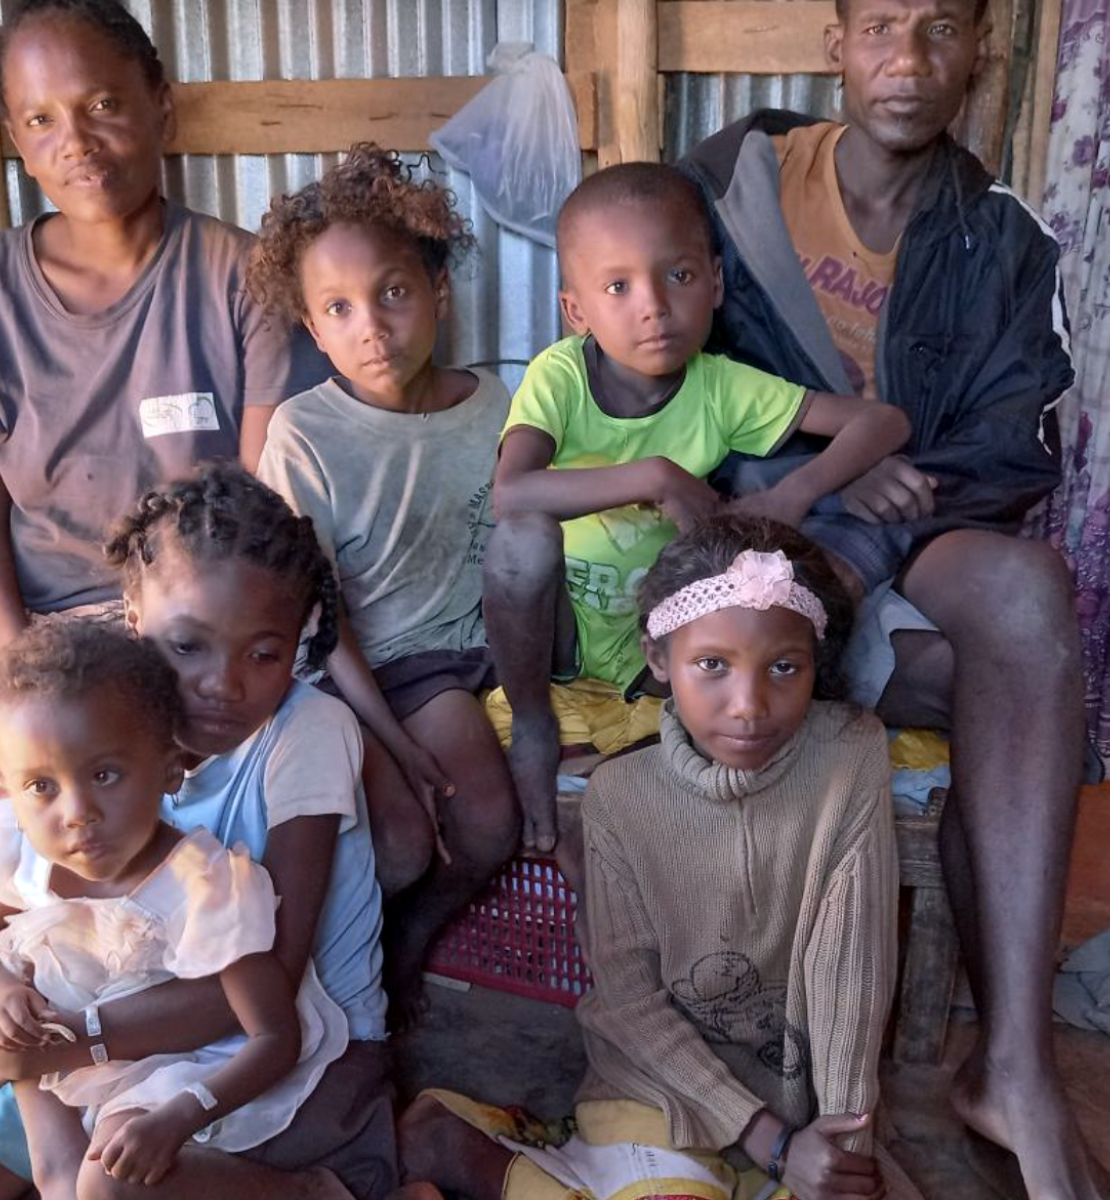 Un père, une mère et leurs enfants sont assis côte à côte dans une des pièces de leur maison, face à la caméra.